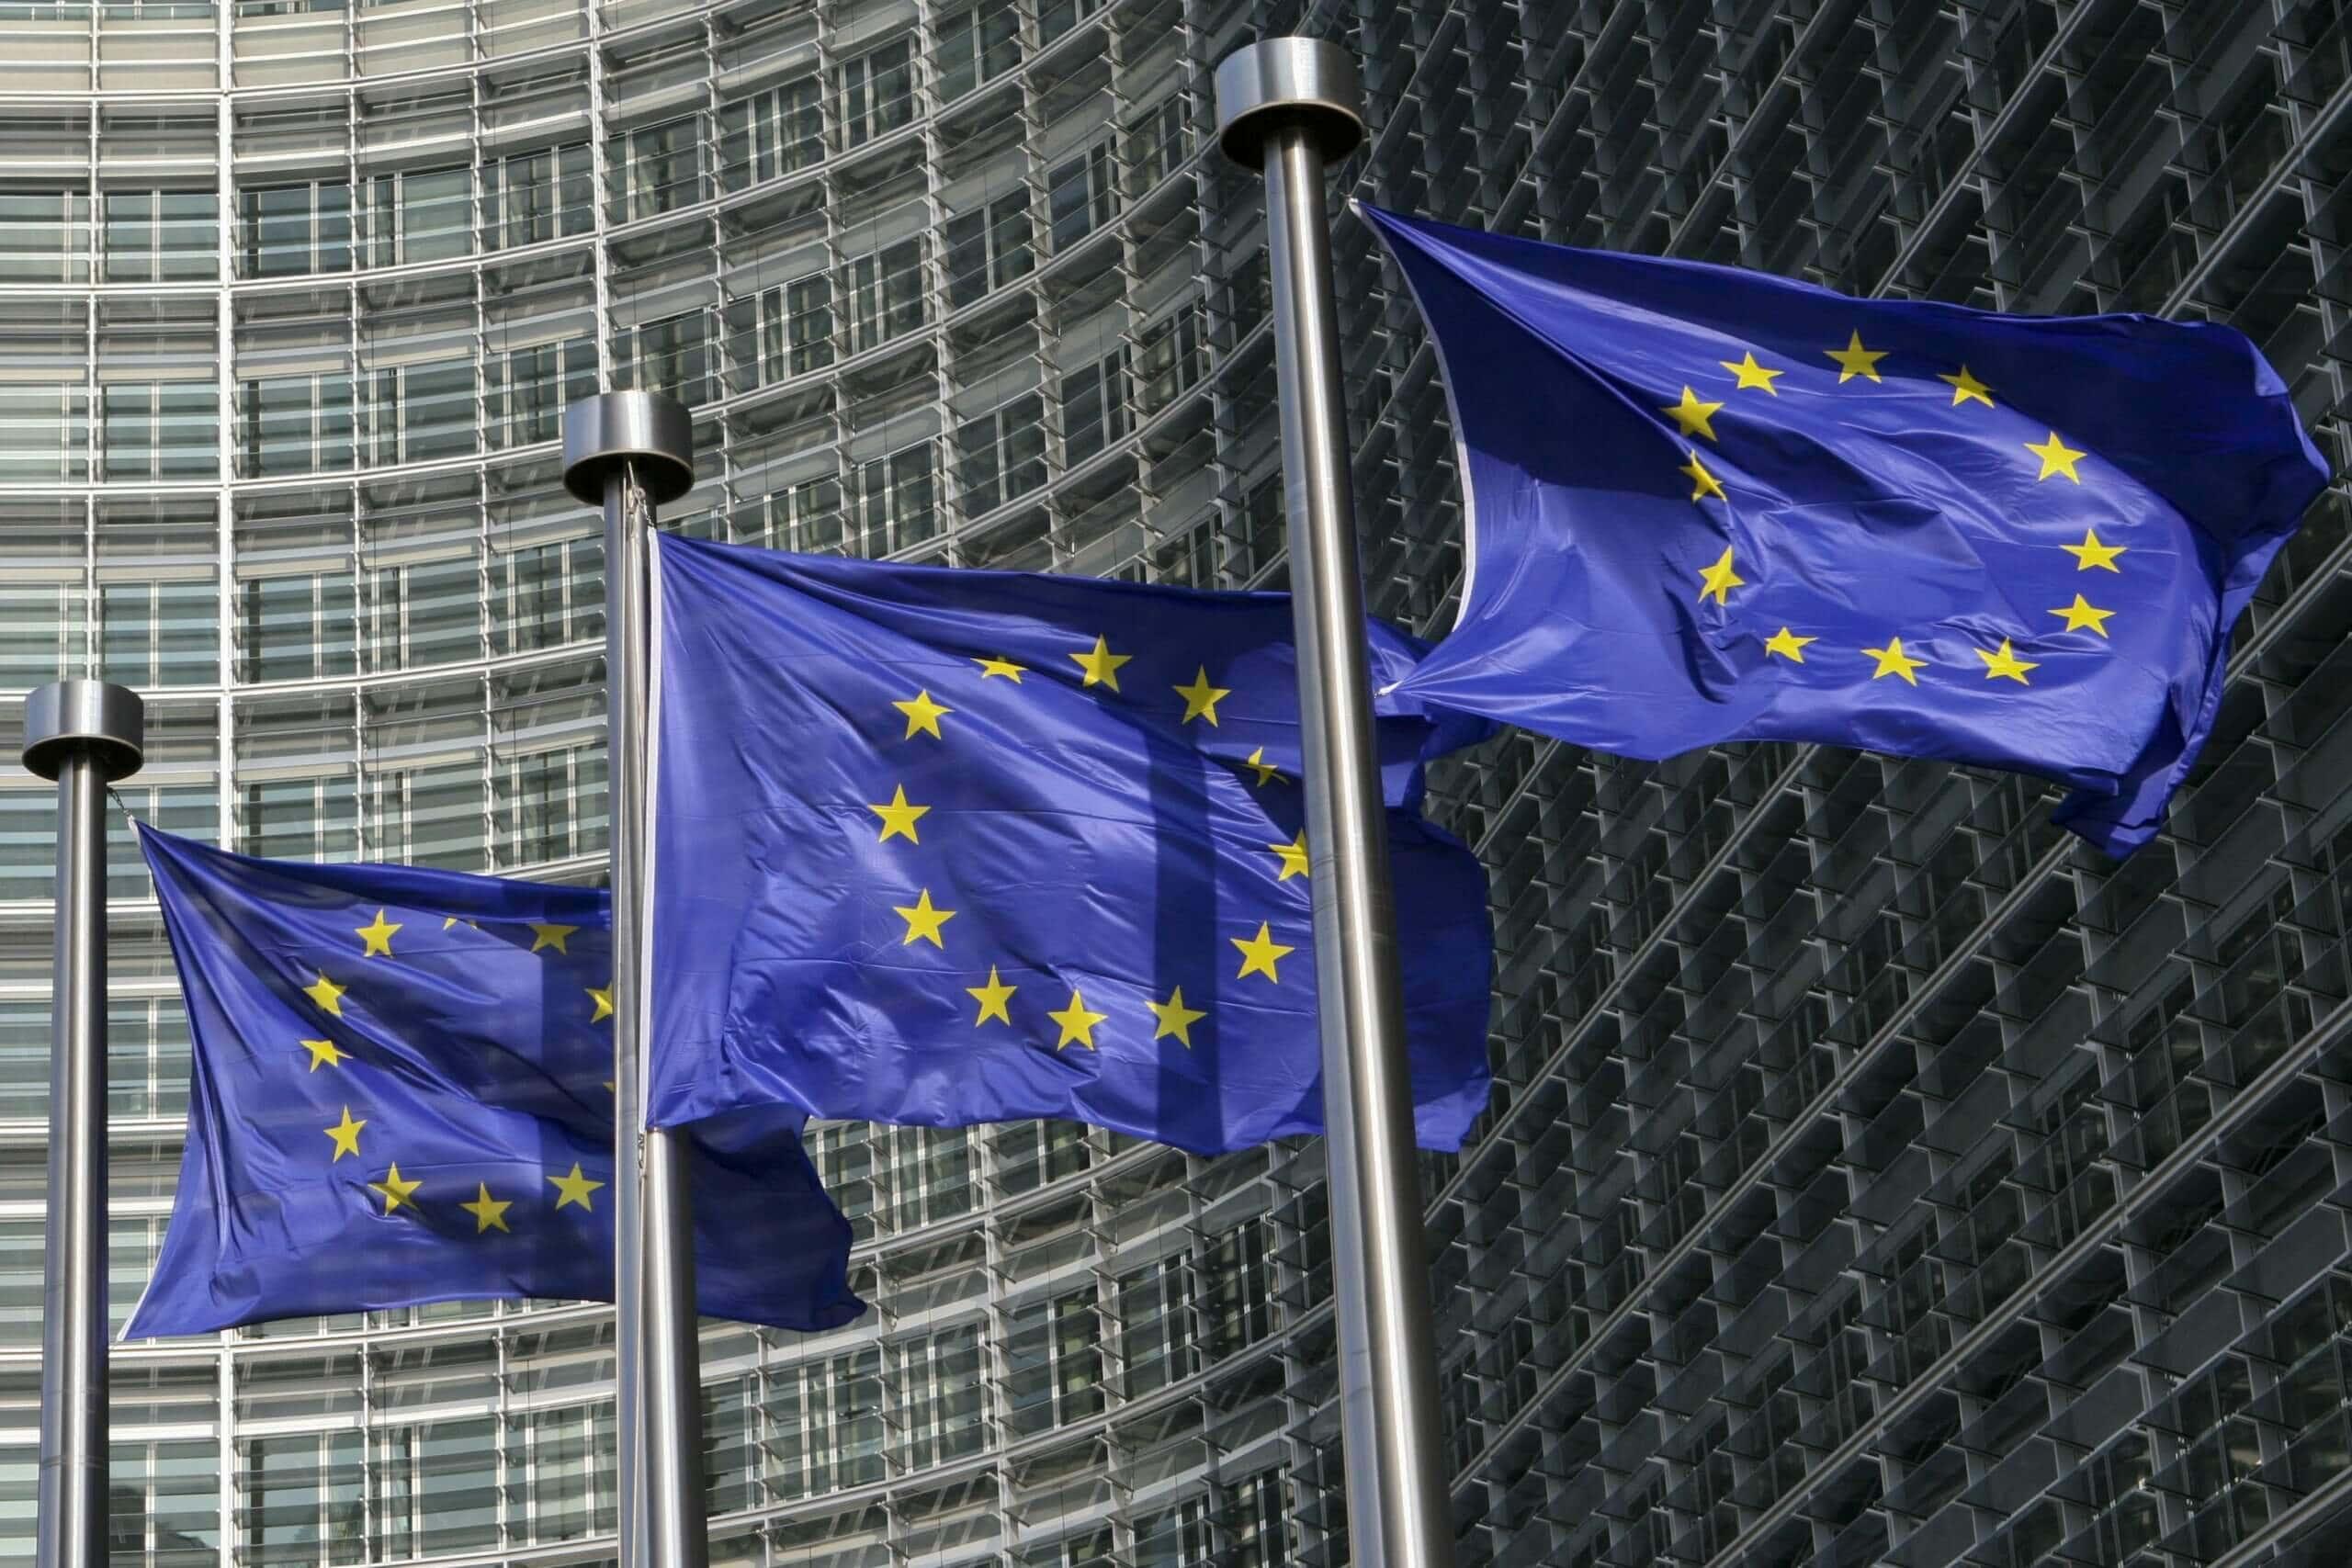 europa-flaggen, die vor einem gebäude wehen